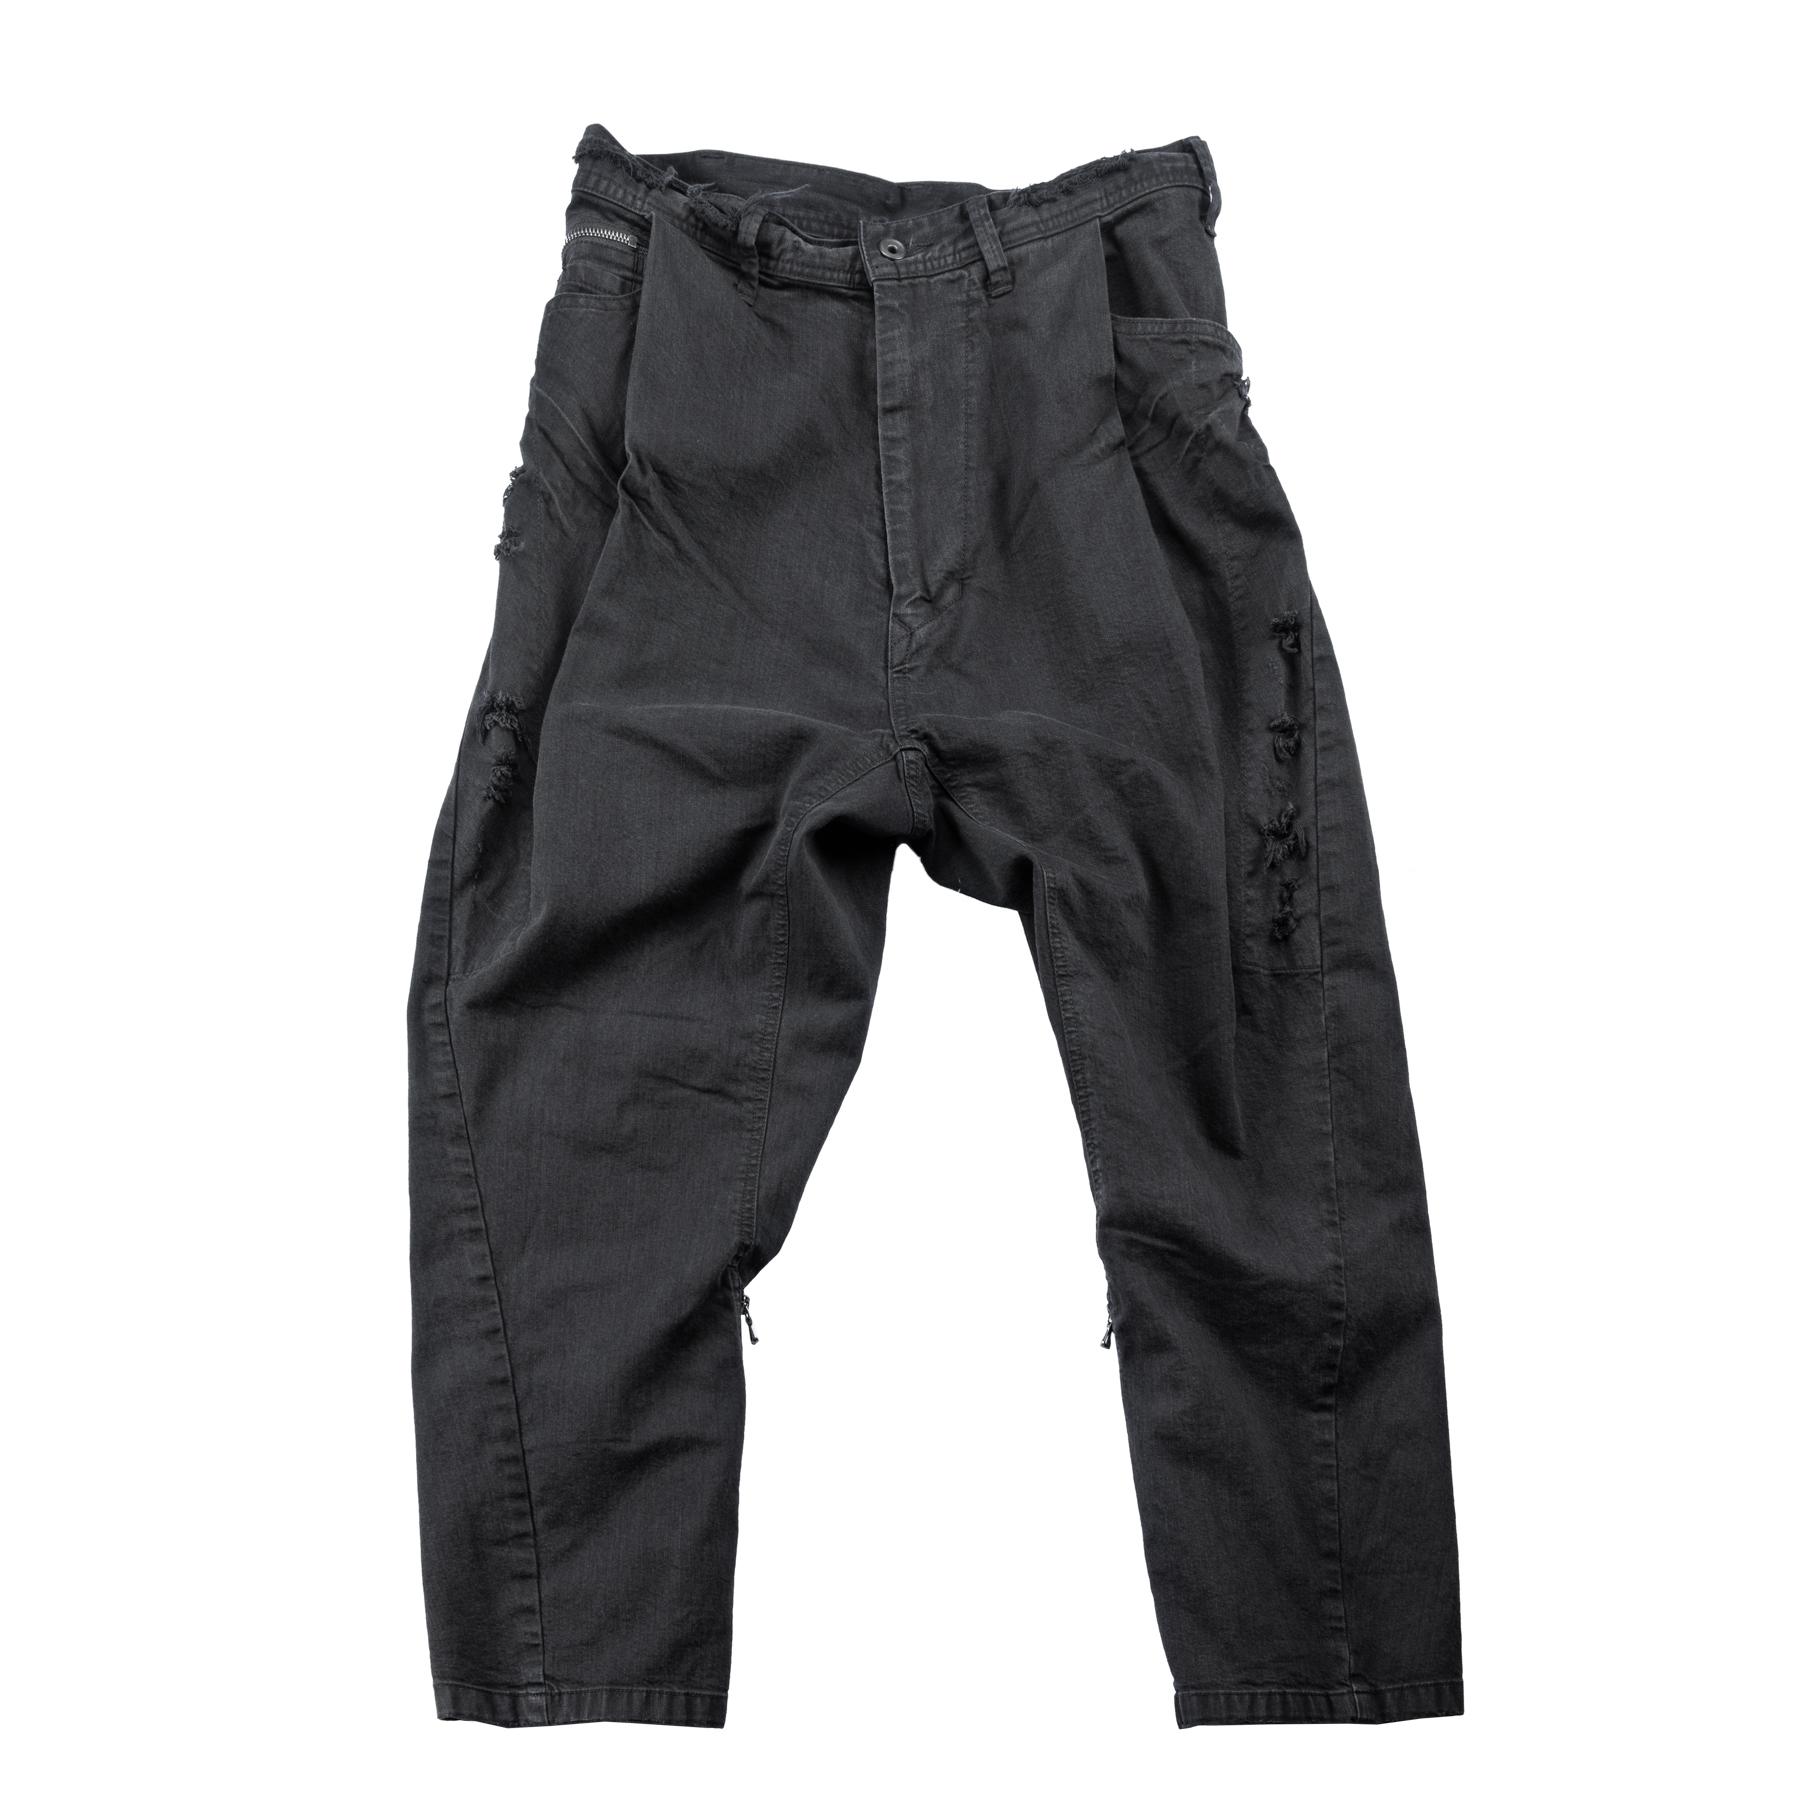 637PAM22-CHARCOAL / タックド バギー パンツ